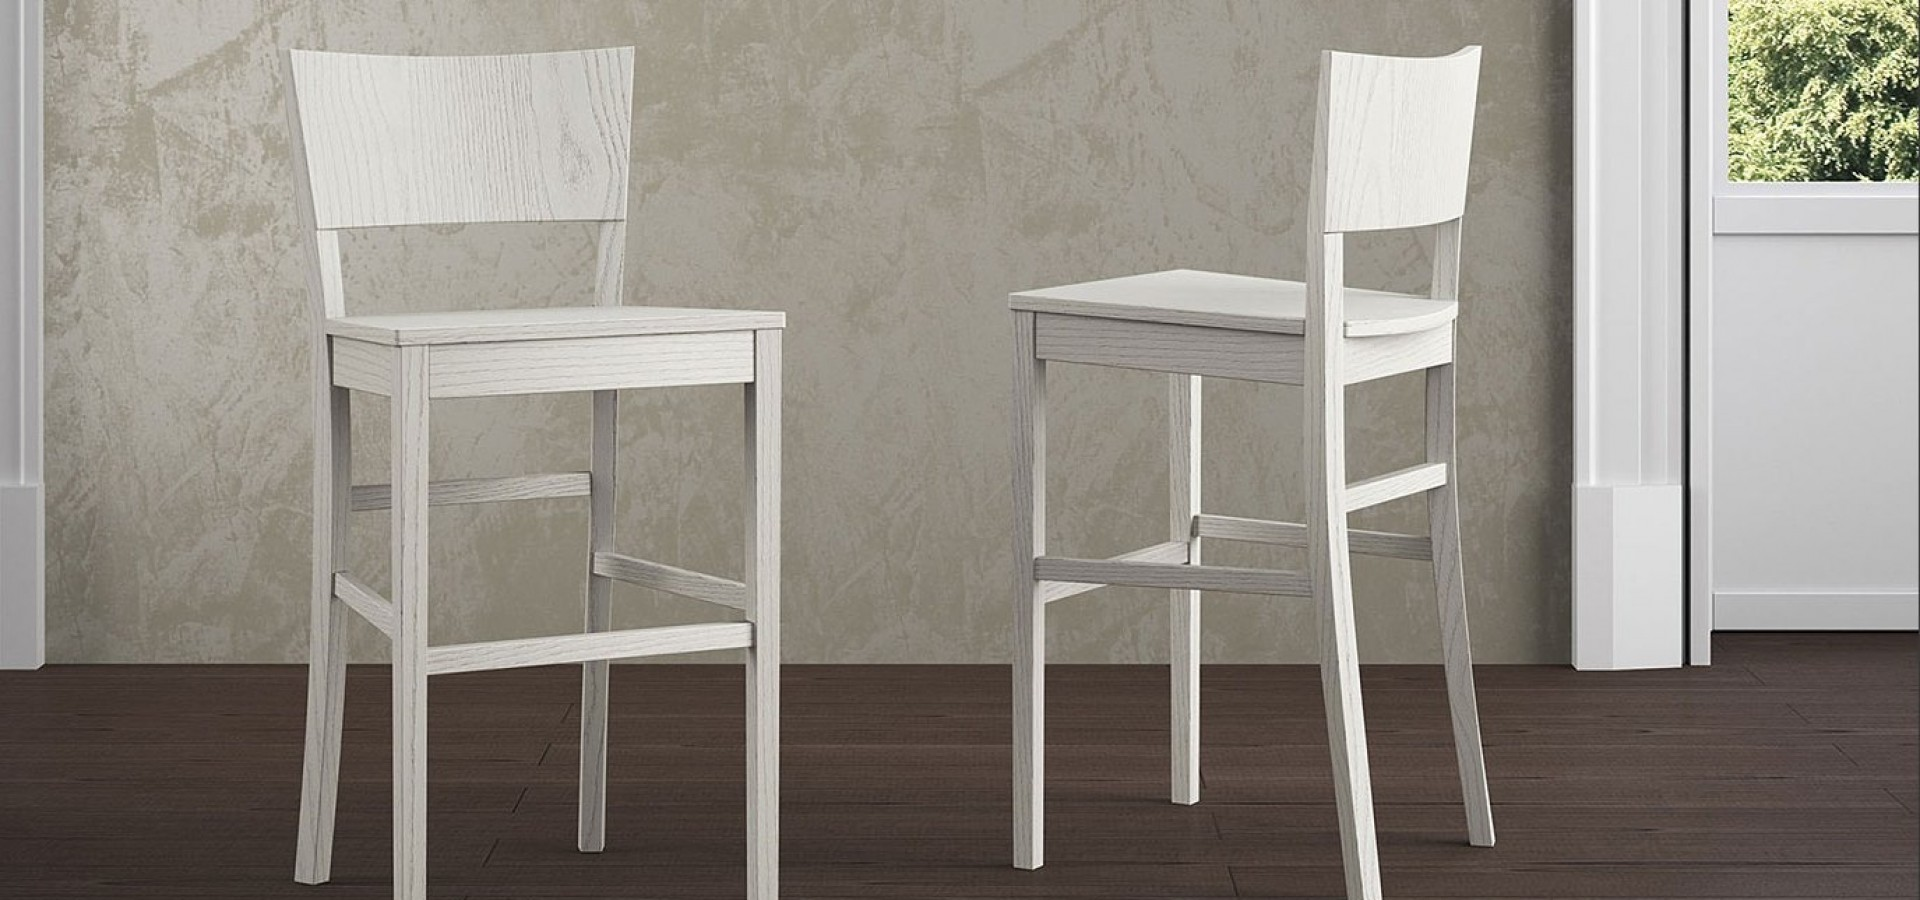 Итальянский стул Барный стул 492 | Стул Барный стул 492 ARREDO3